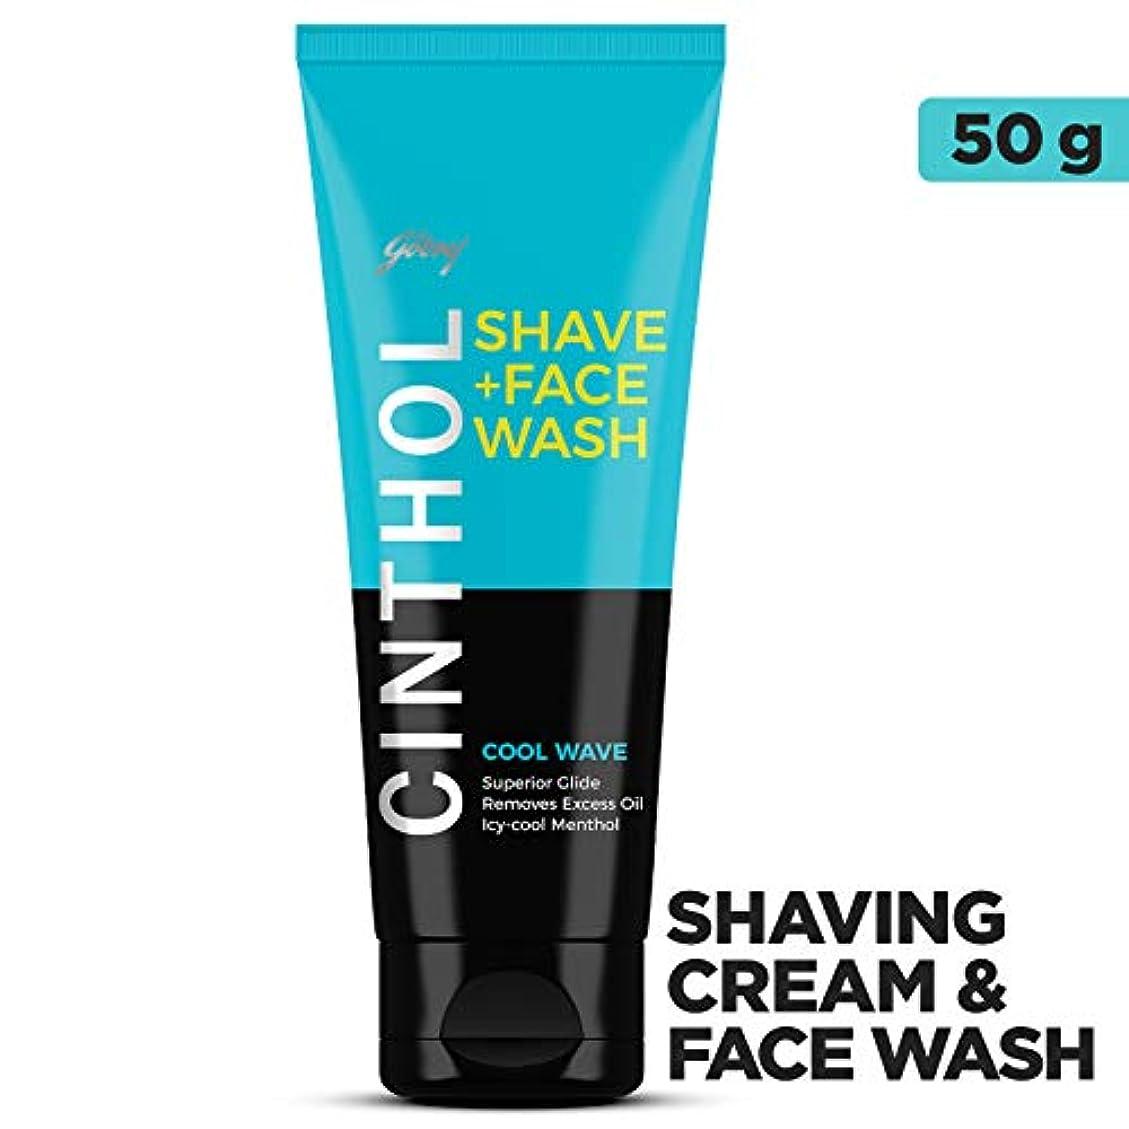 シミュレートするエミュレーション彫刻Cinthol Shaving + Face Wash, Cool Wave, 50g